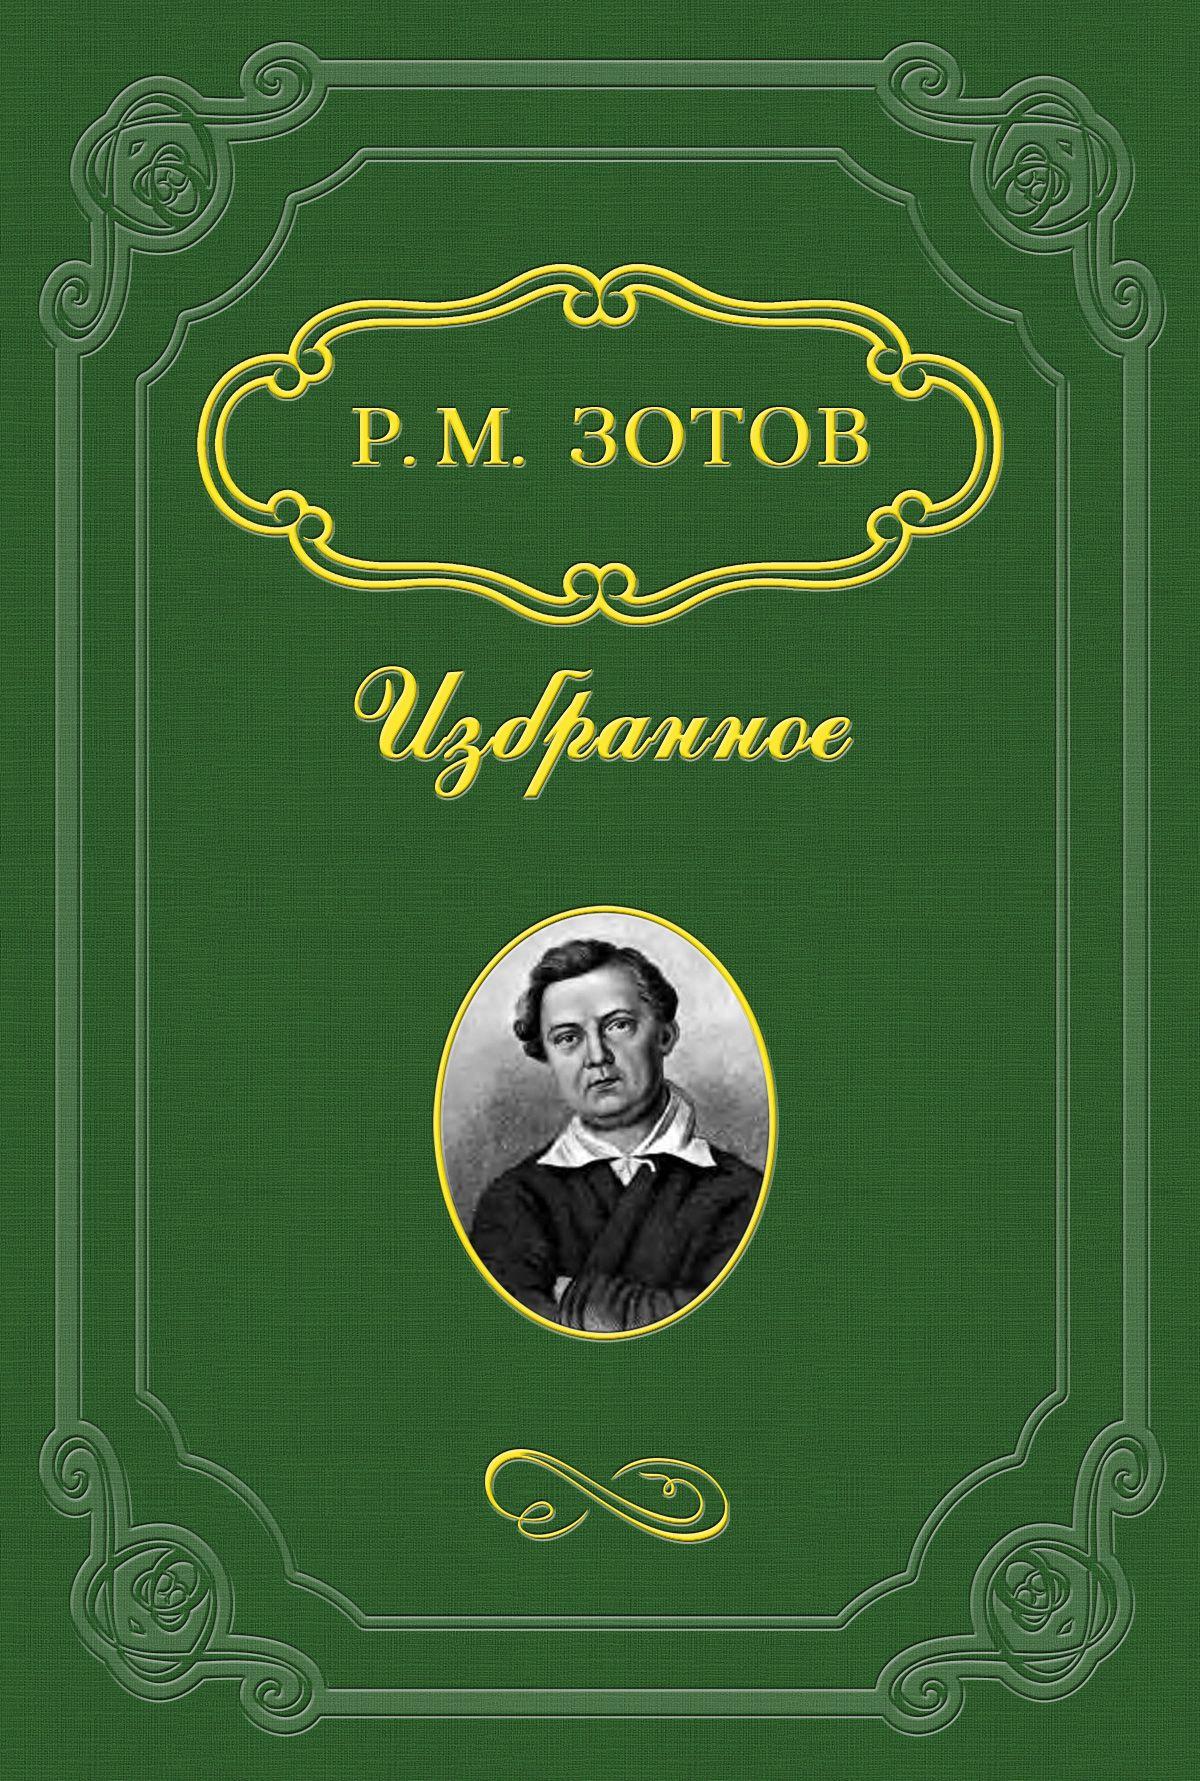 Рафаил Зотов Два брата, или Москва в 1812 году р м зотов р м зотов собрание сочинений в 5 томах комплект из 5 книг